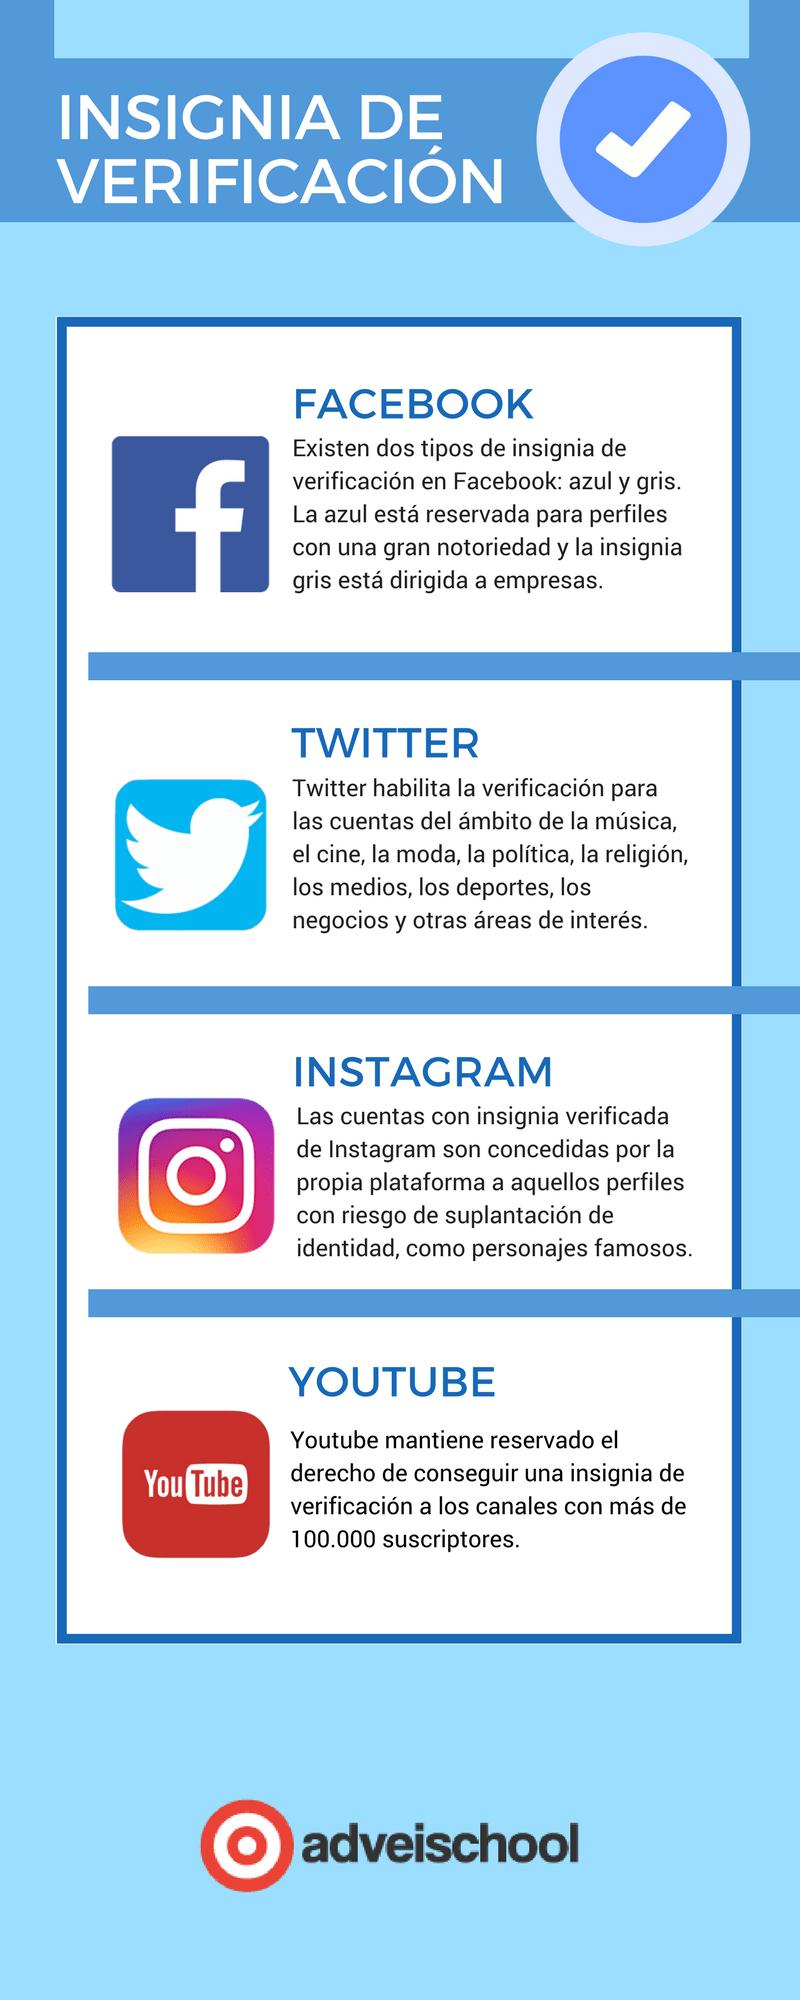 Cómo conseguir una insignia de verificación en redes sociales